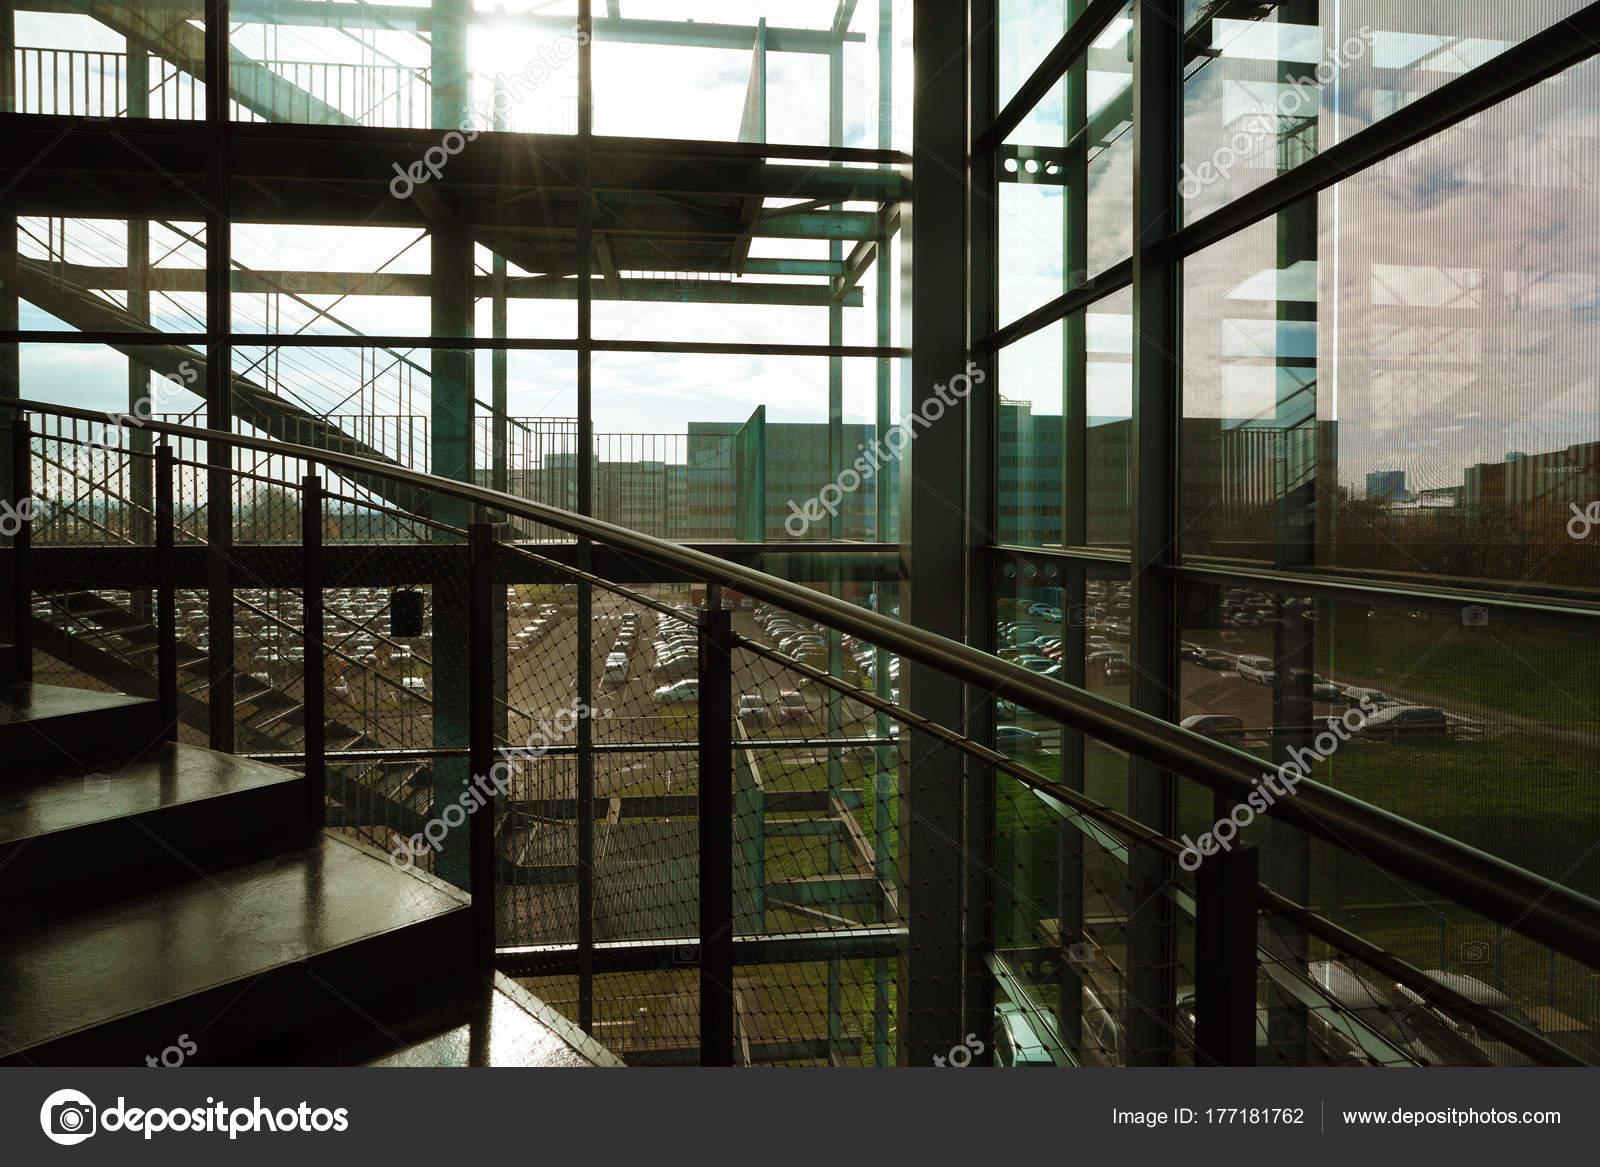 pierre escalier dans intrieur moderne rampe verre escaliers menant vers photo